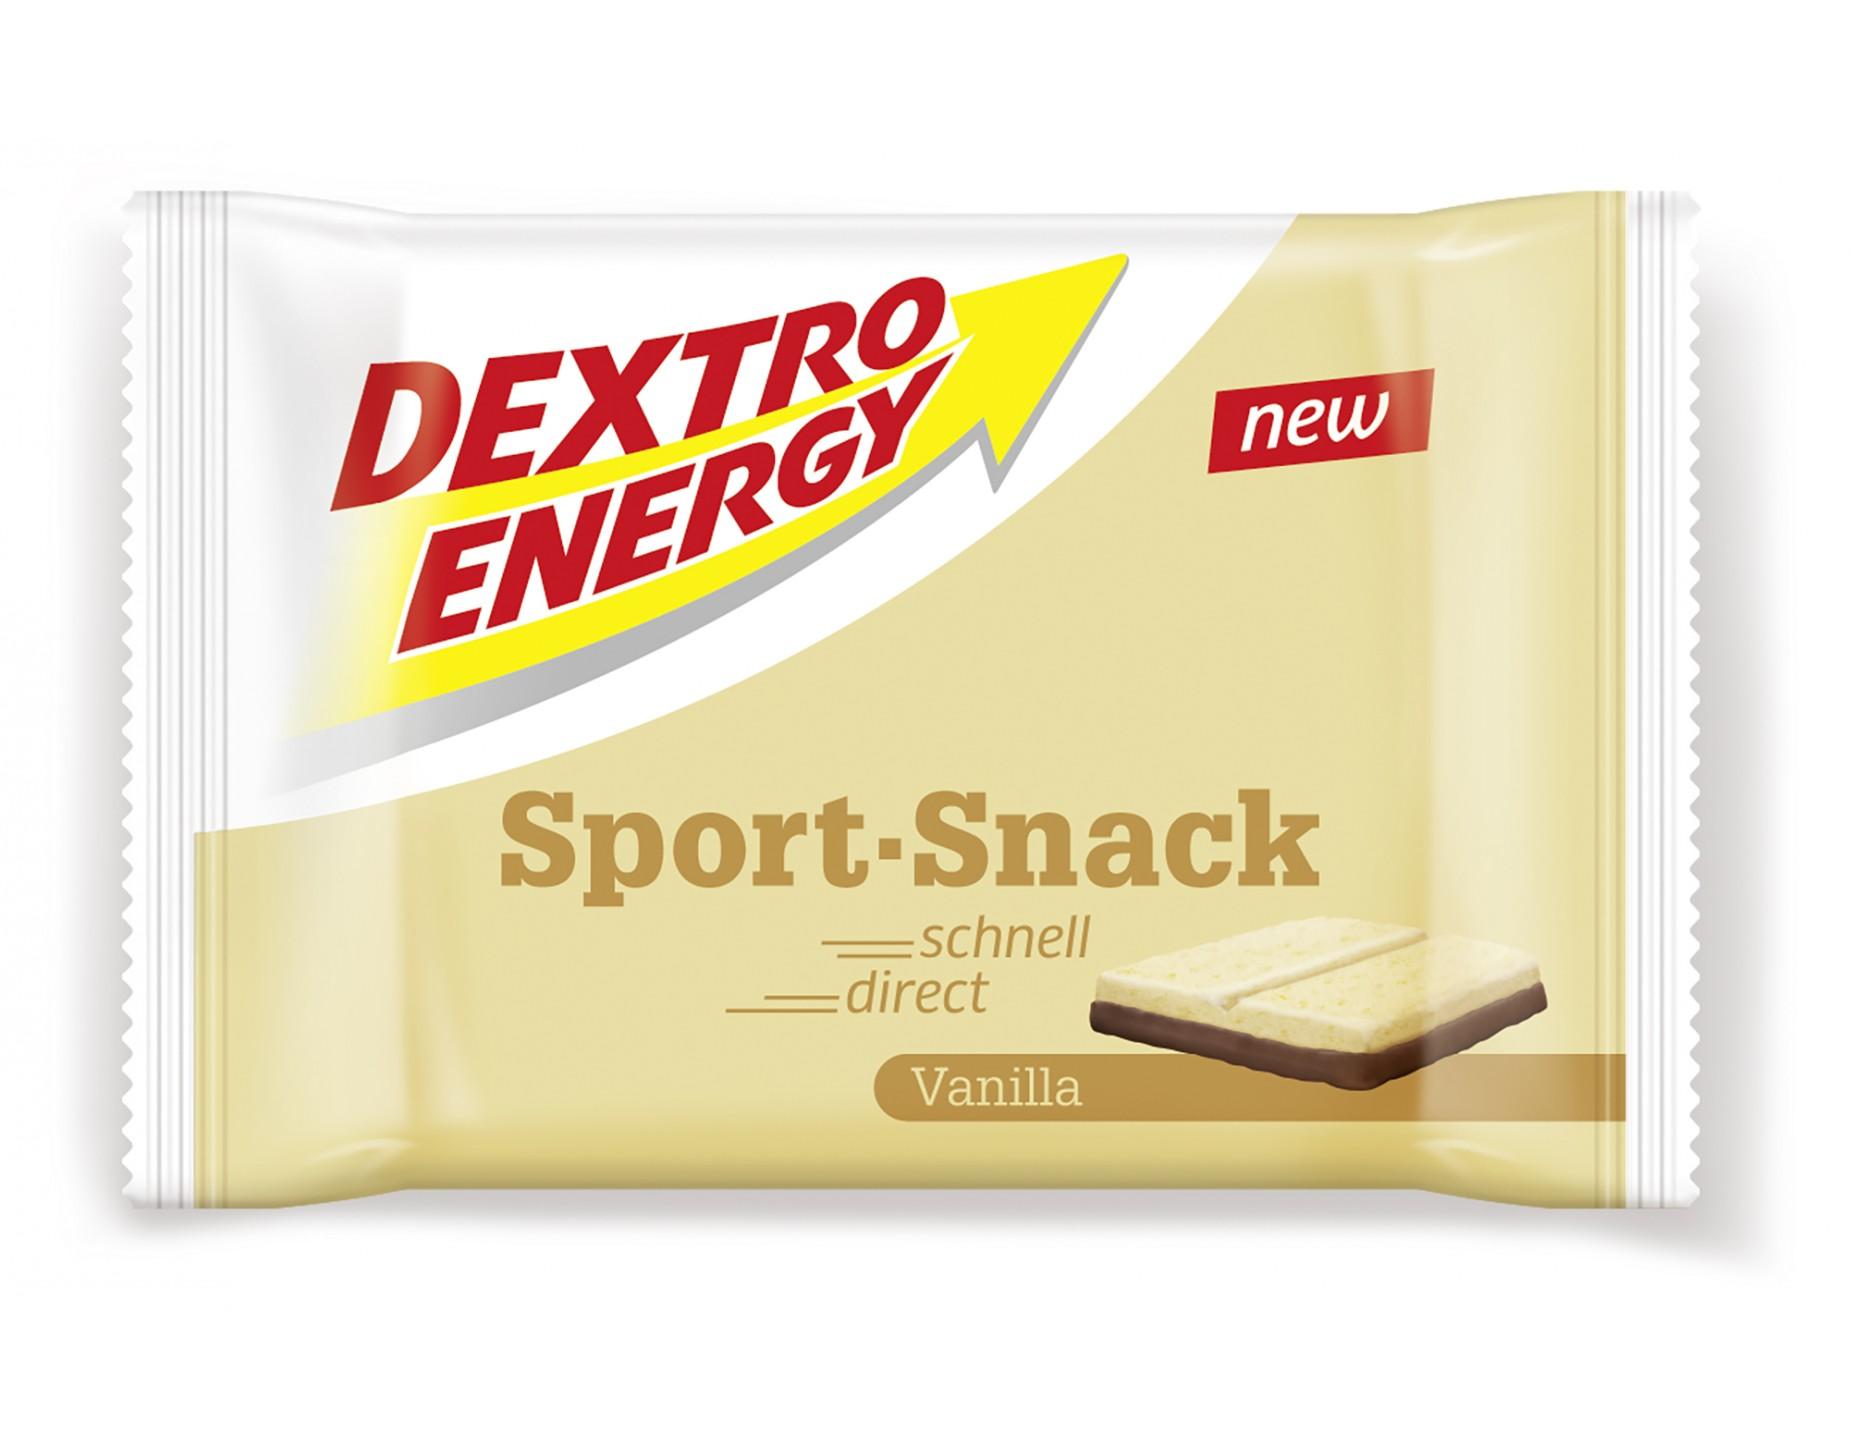 DEXTRO ENERGY Sport Snack Vanilla DEXTRO ENERGY Sport Snack Vanilla